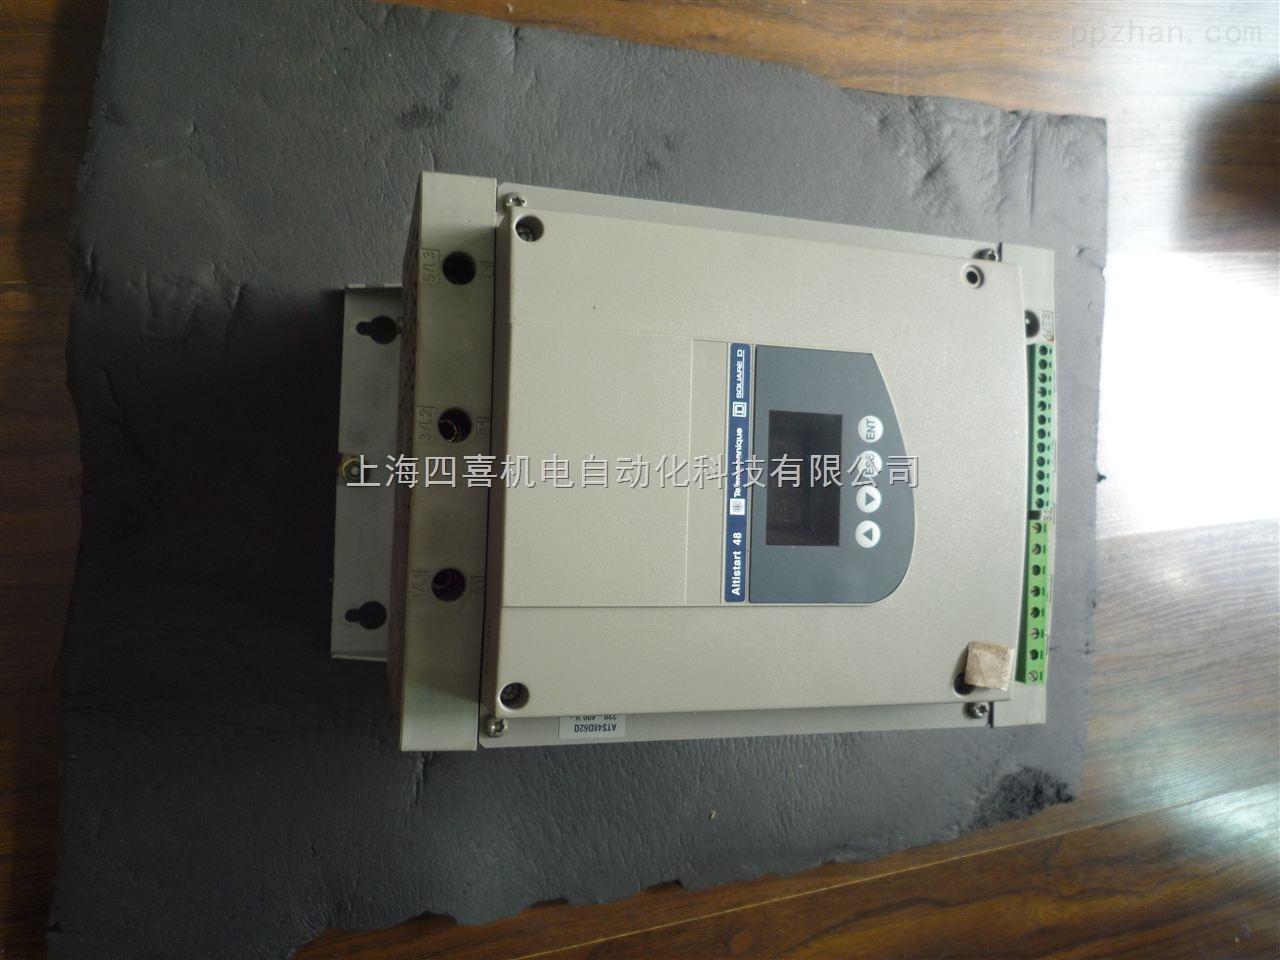 上海施耐德变频器维修-供求商机-上海四喜机电自动化